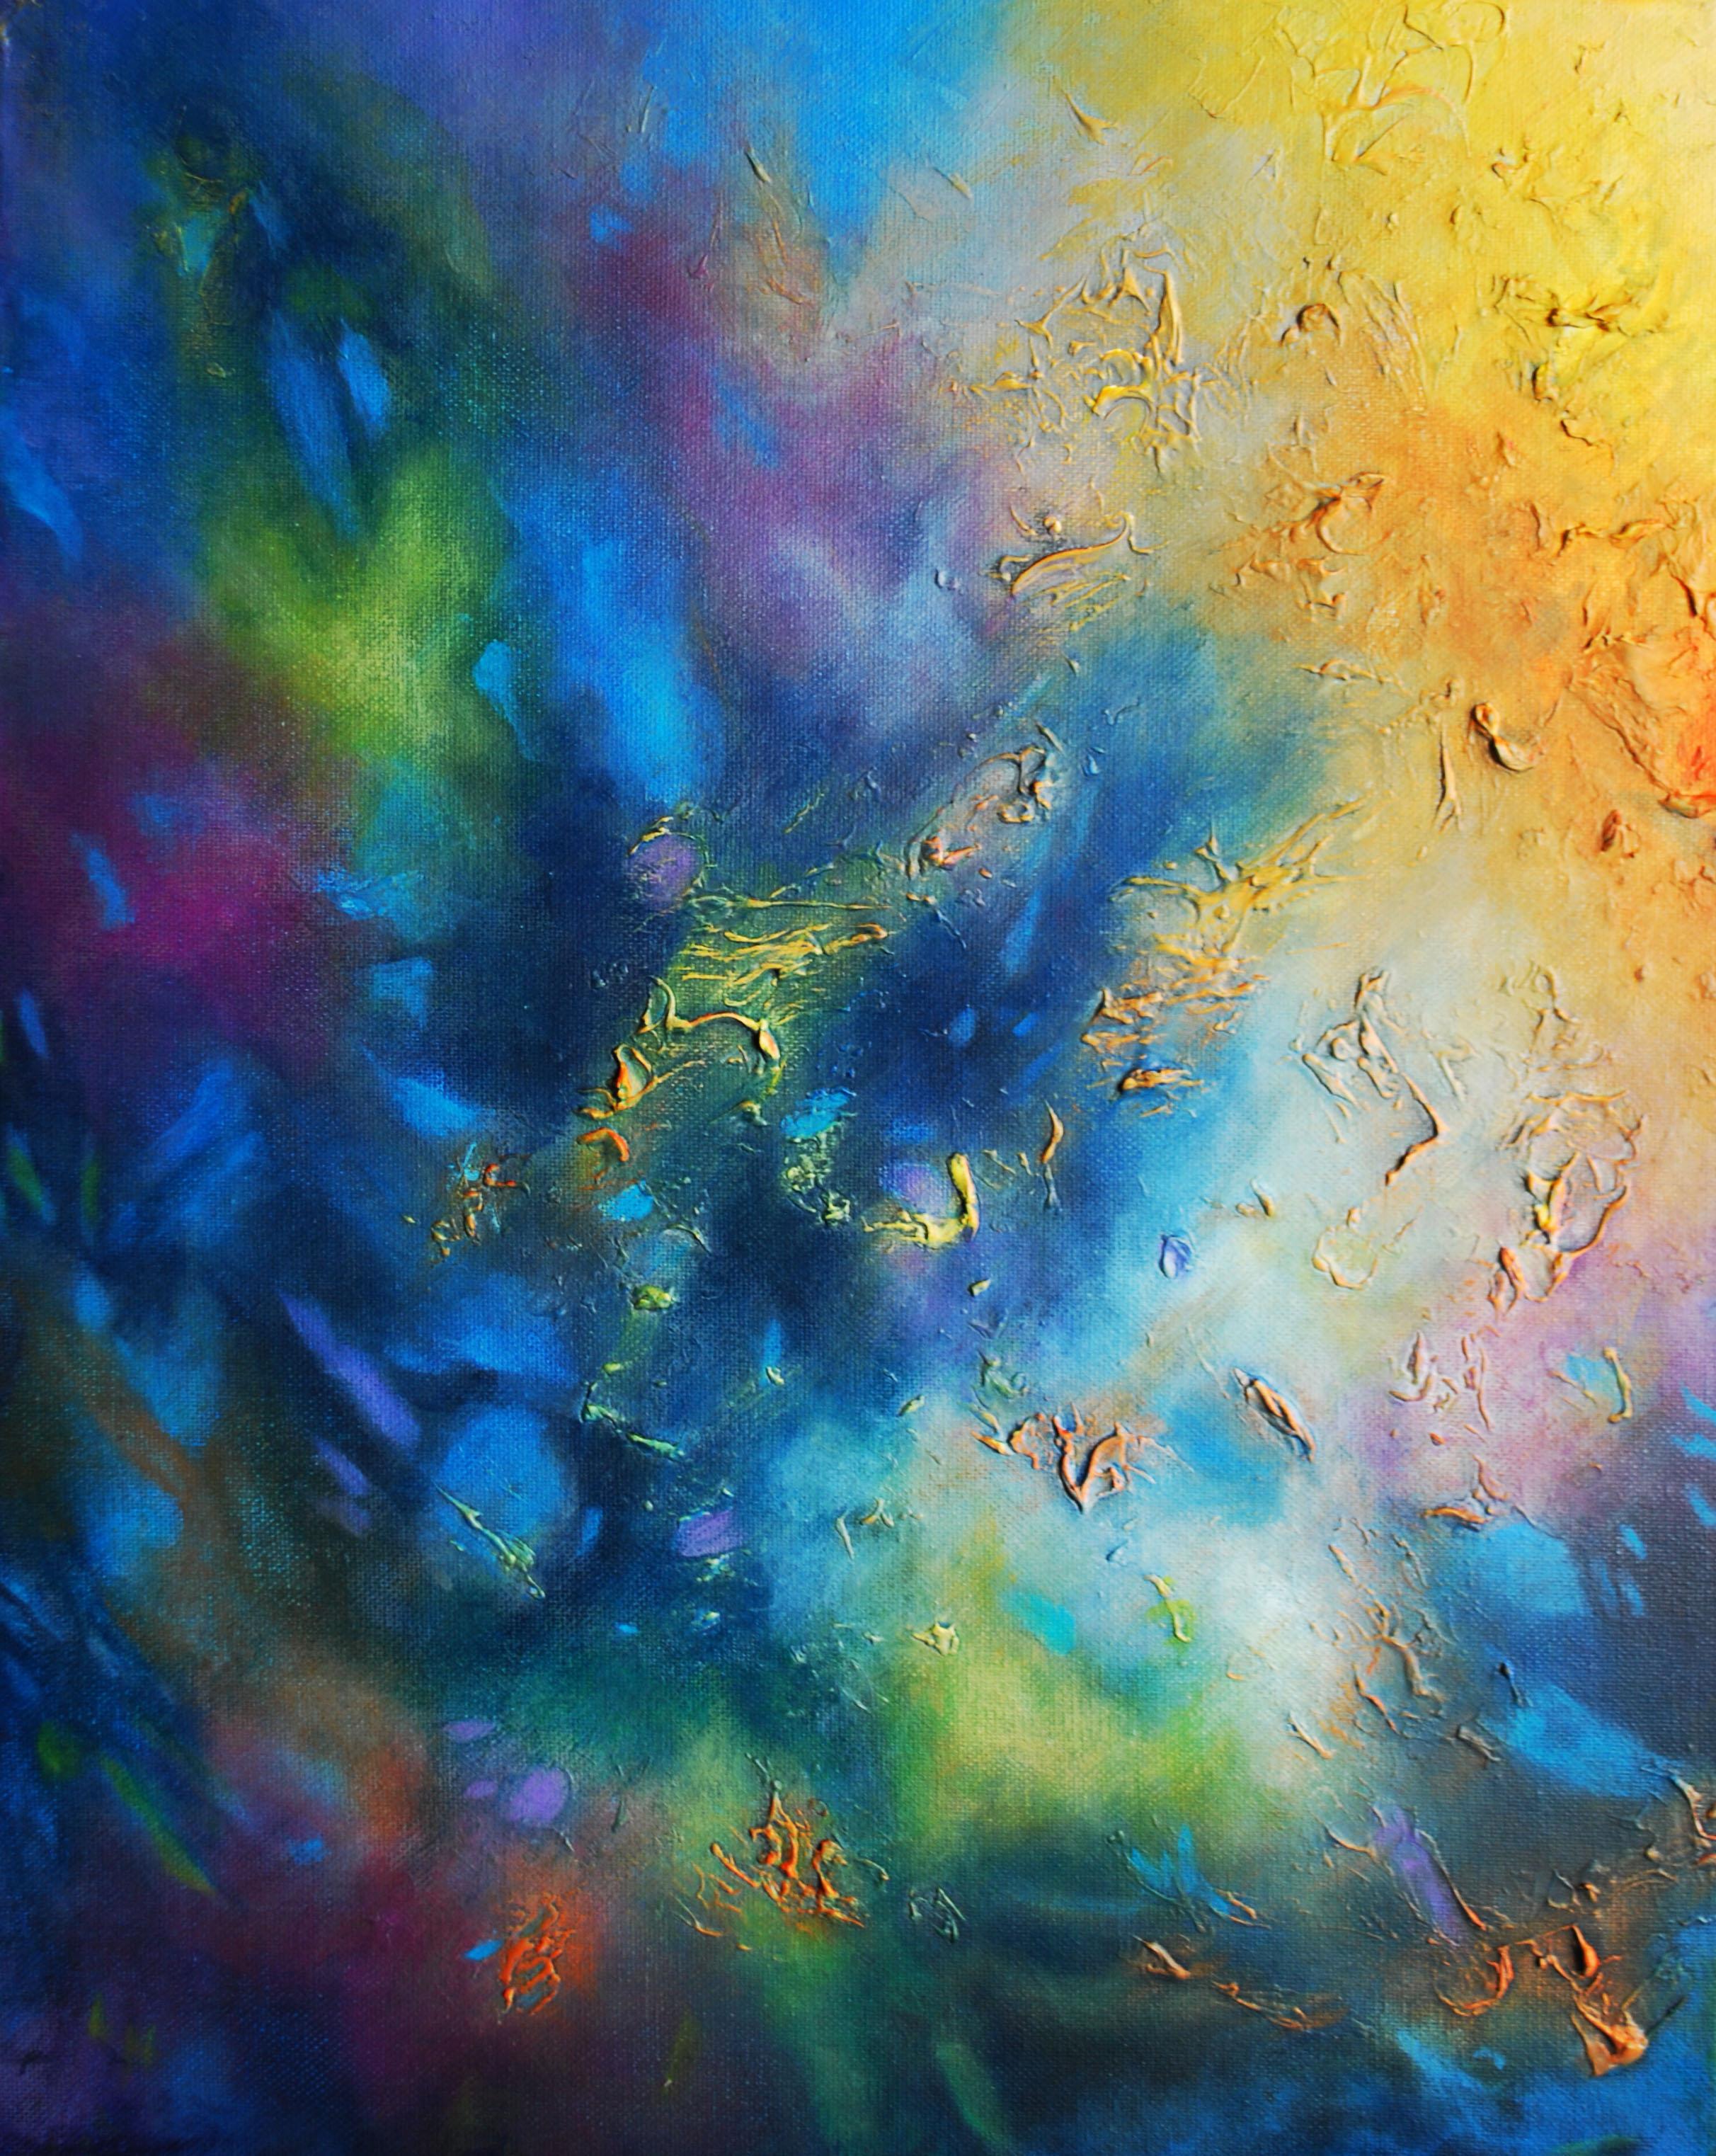 Océano de Fuego 16x20. 41 x51 cm